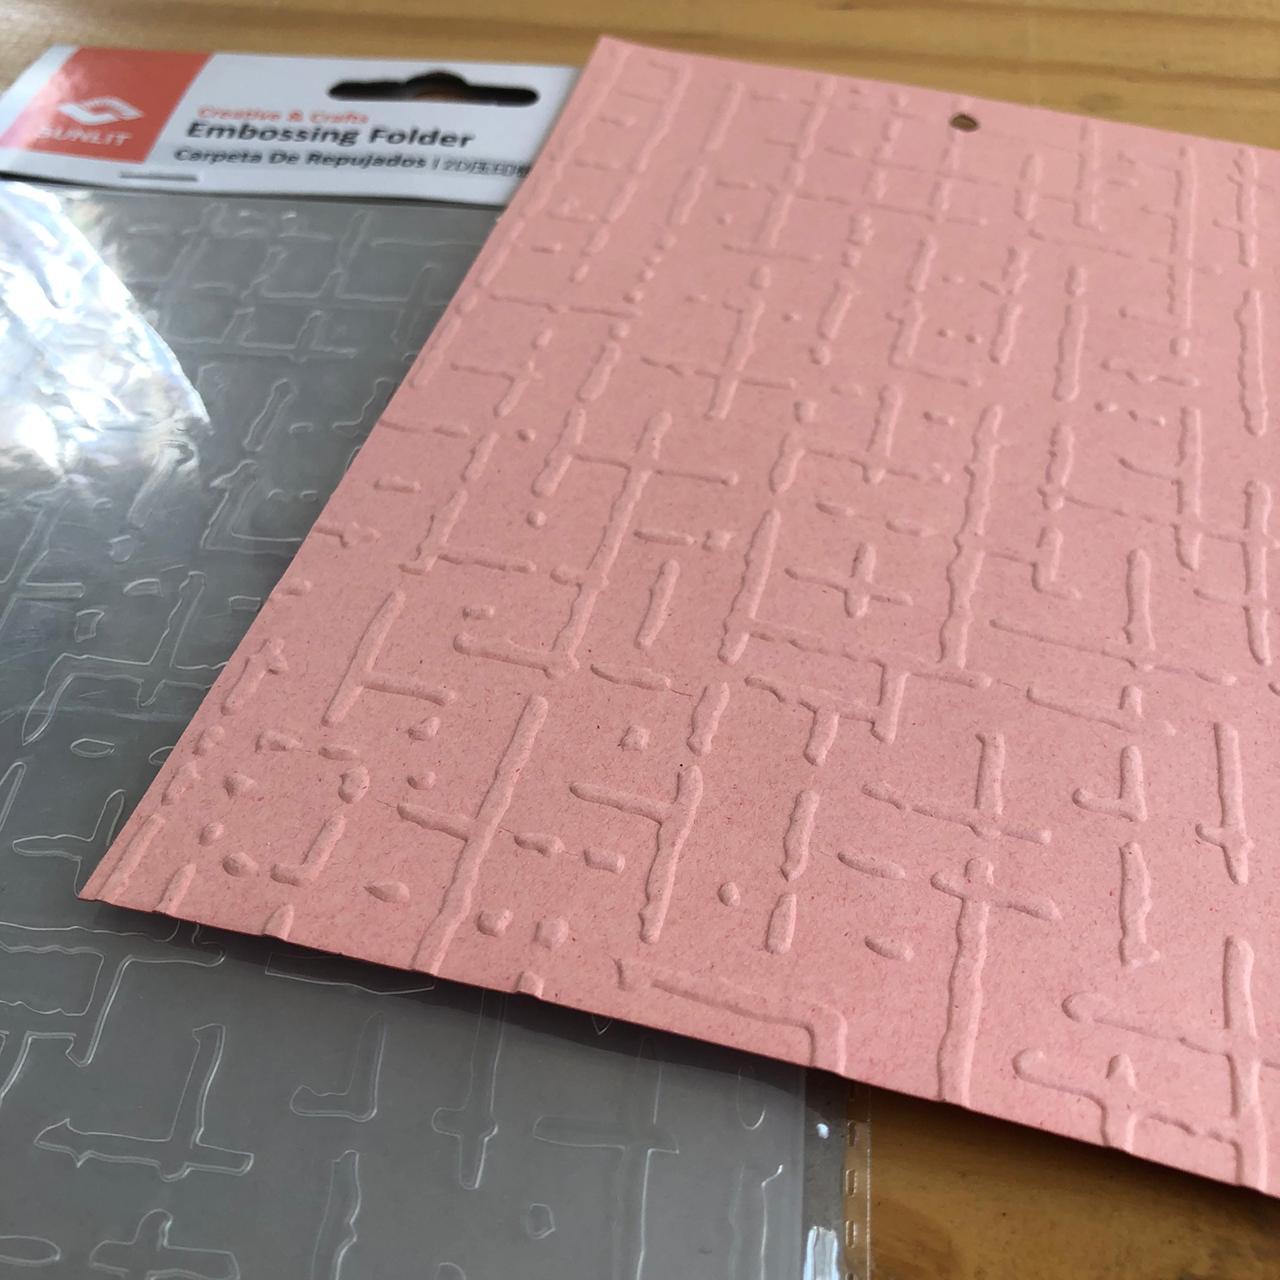 Placa de Emboss 13 x 18 cm - Padronagem (863-007-015)